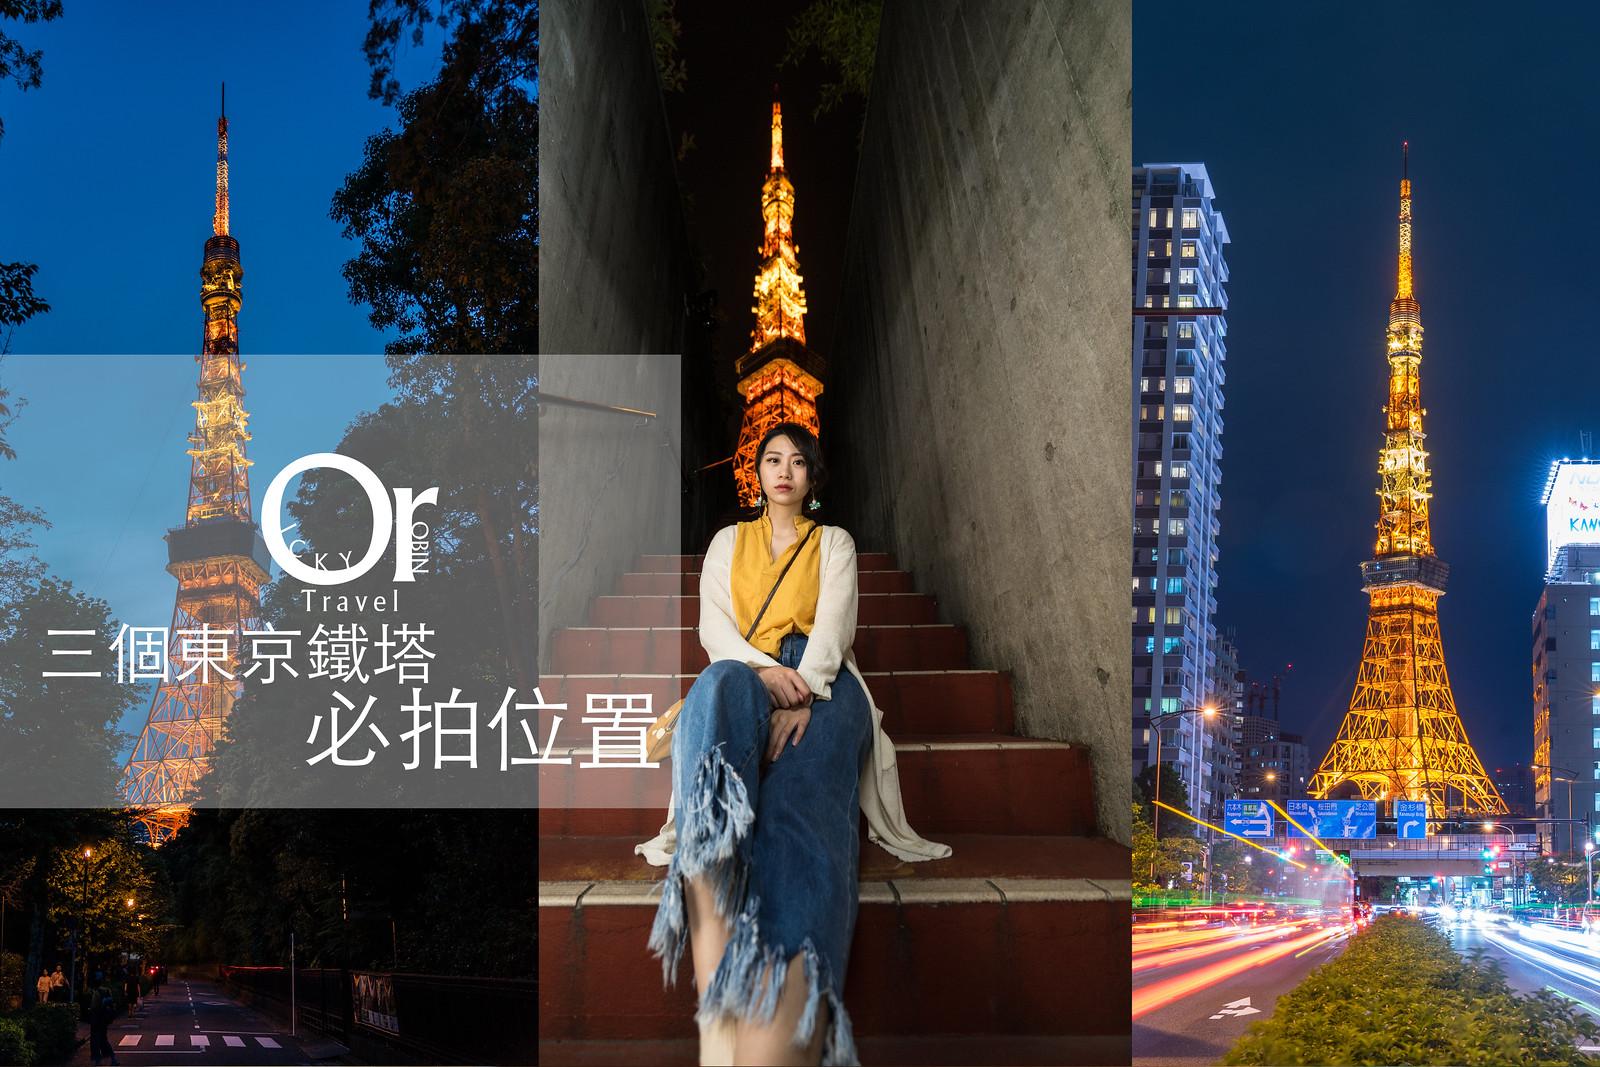 【東京夜景】掌握東京鐵塔夜景,來到東京鐵塔不能錯過的三個拍攝位置,剪影、夜景、車軌一次把握!